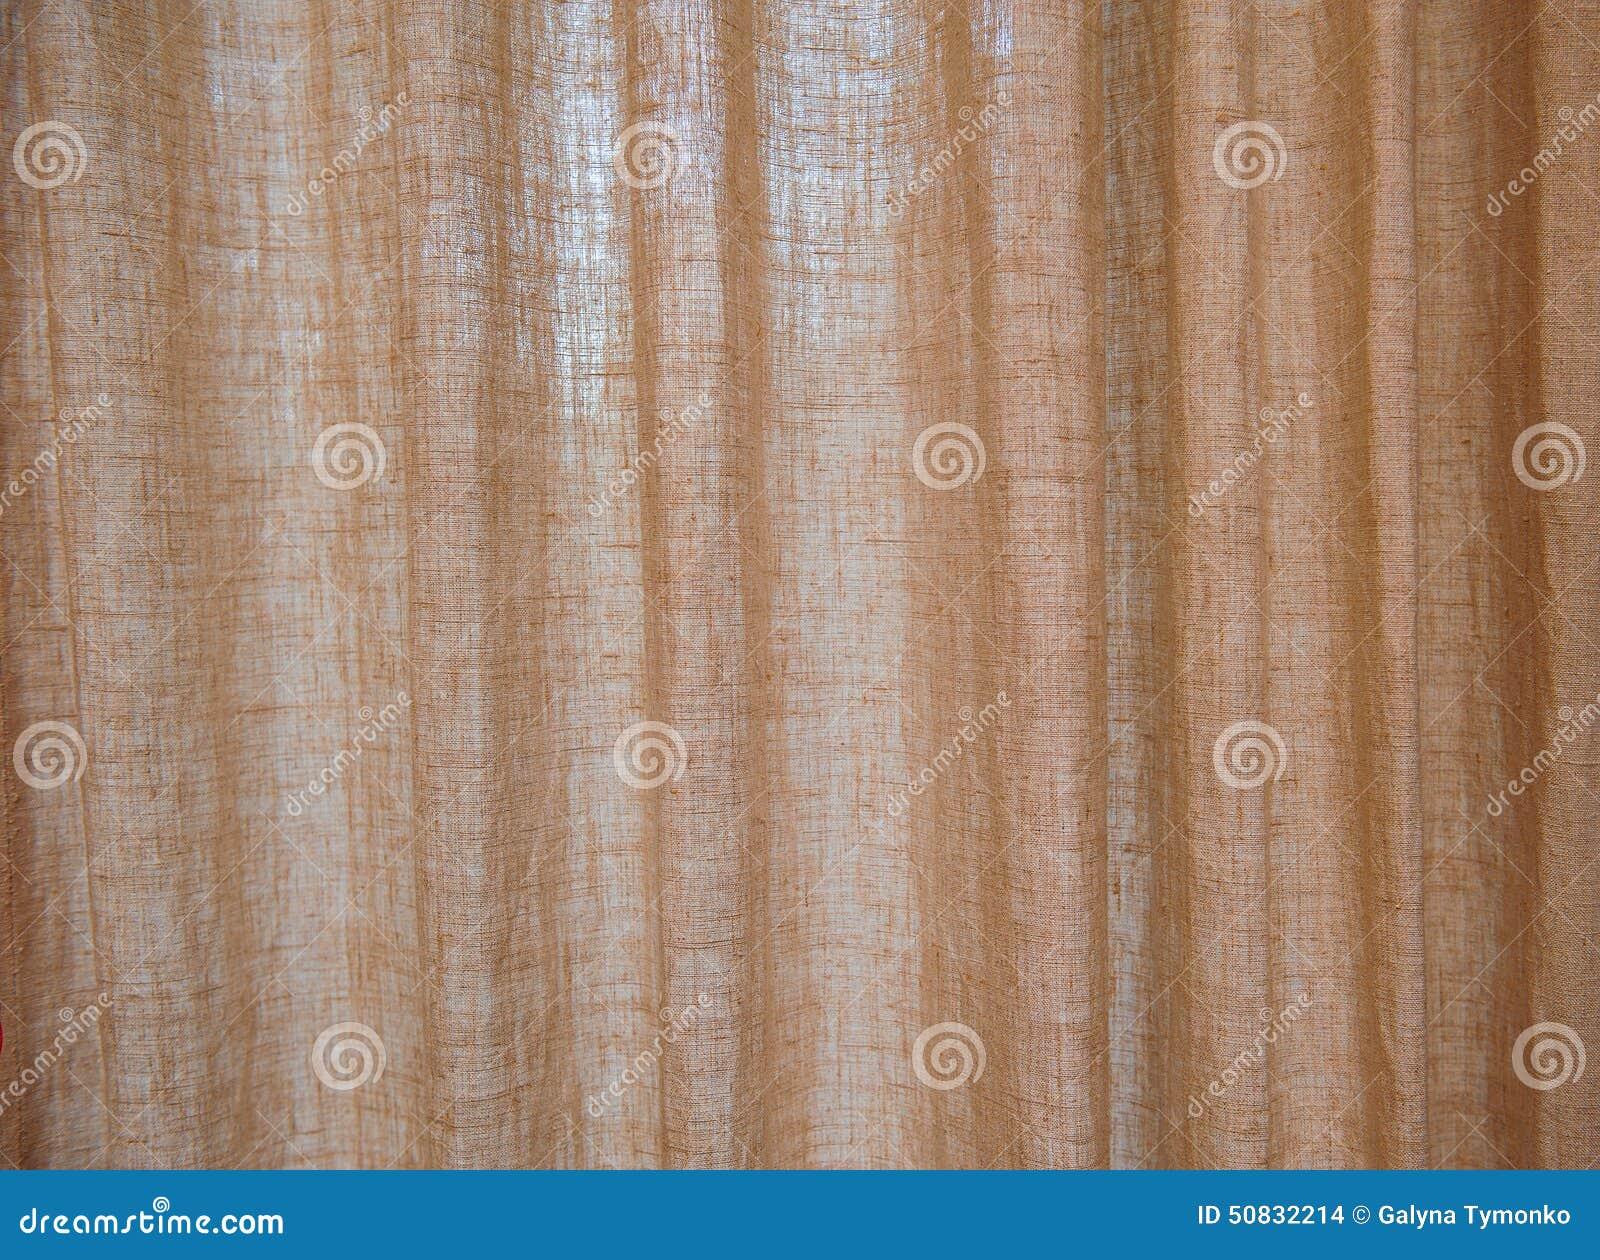 Cortinas marrones de la arpillera de la textura foto de - Cortinas de arpillera ...